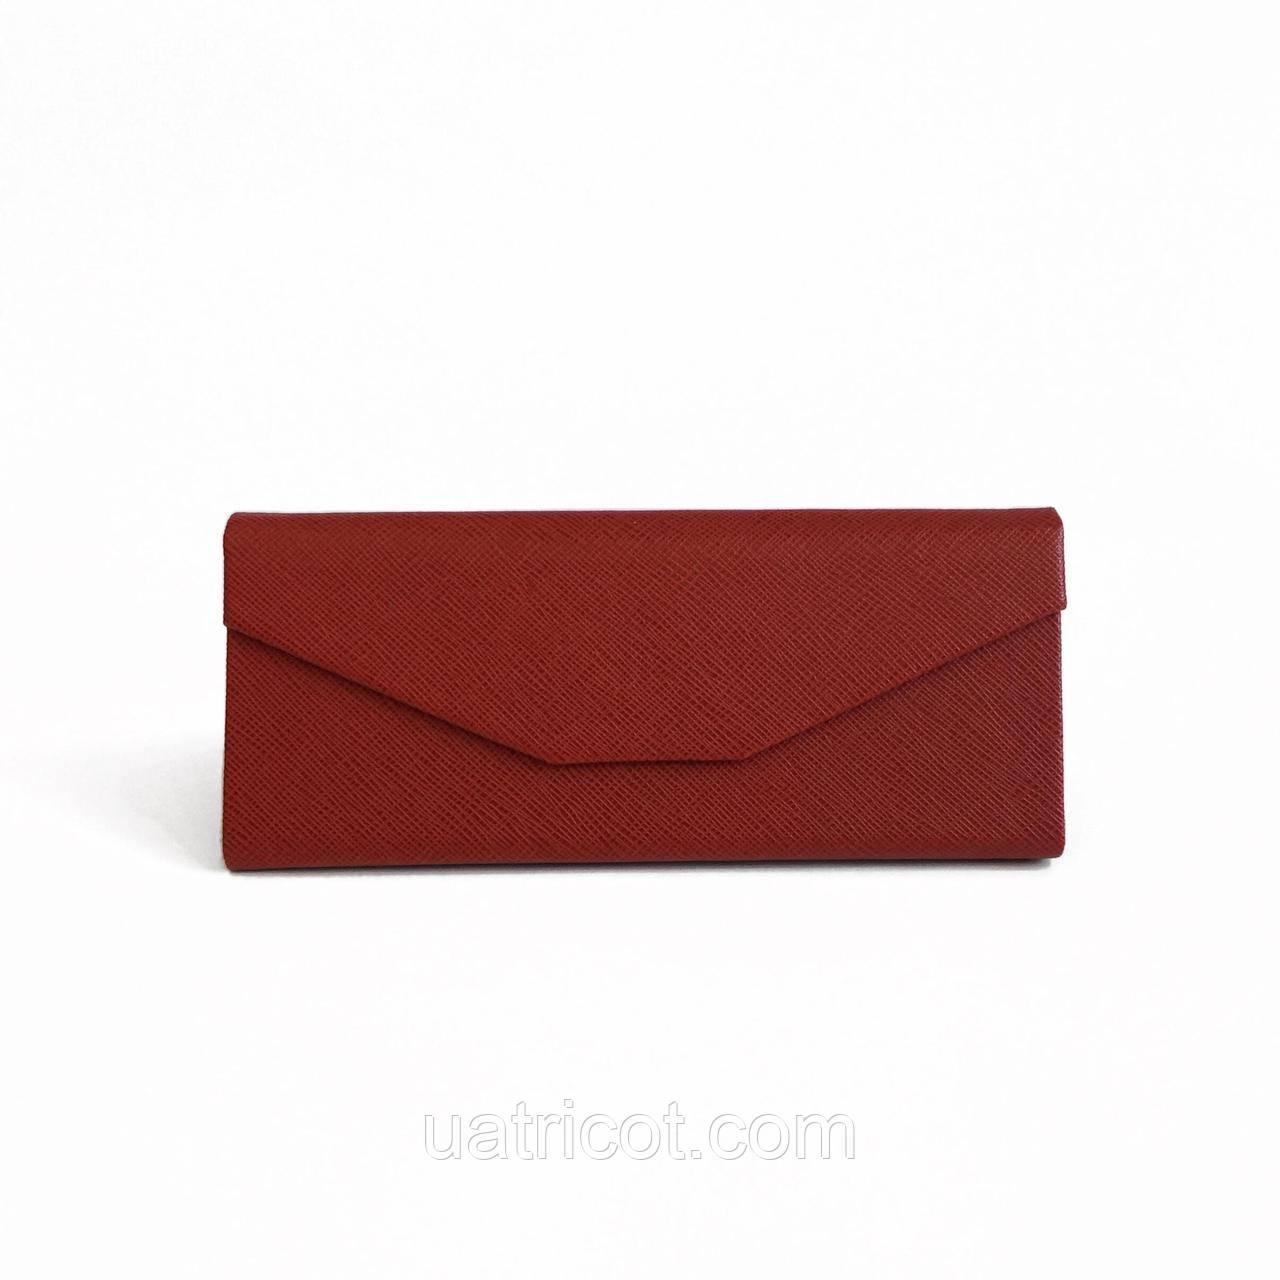 Красный кожаный смарт чехол для солнцезащитных очков